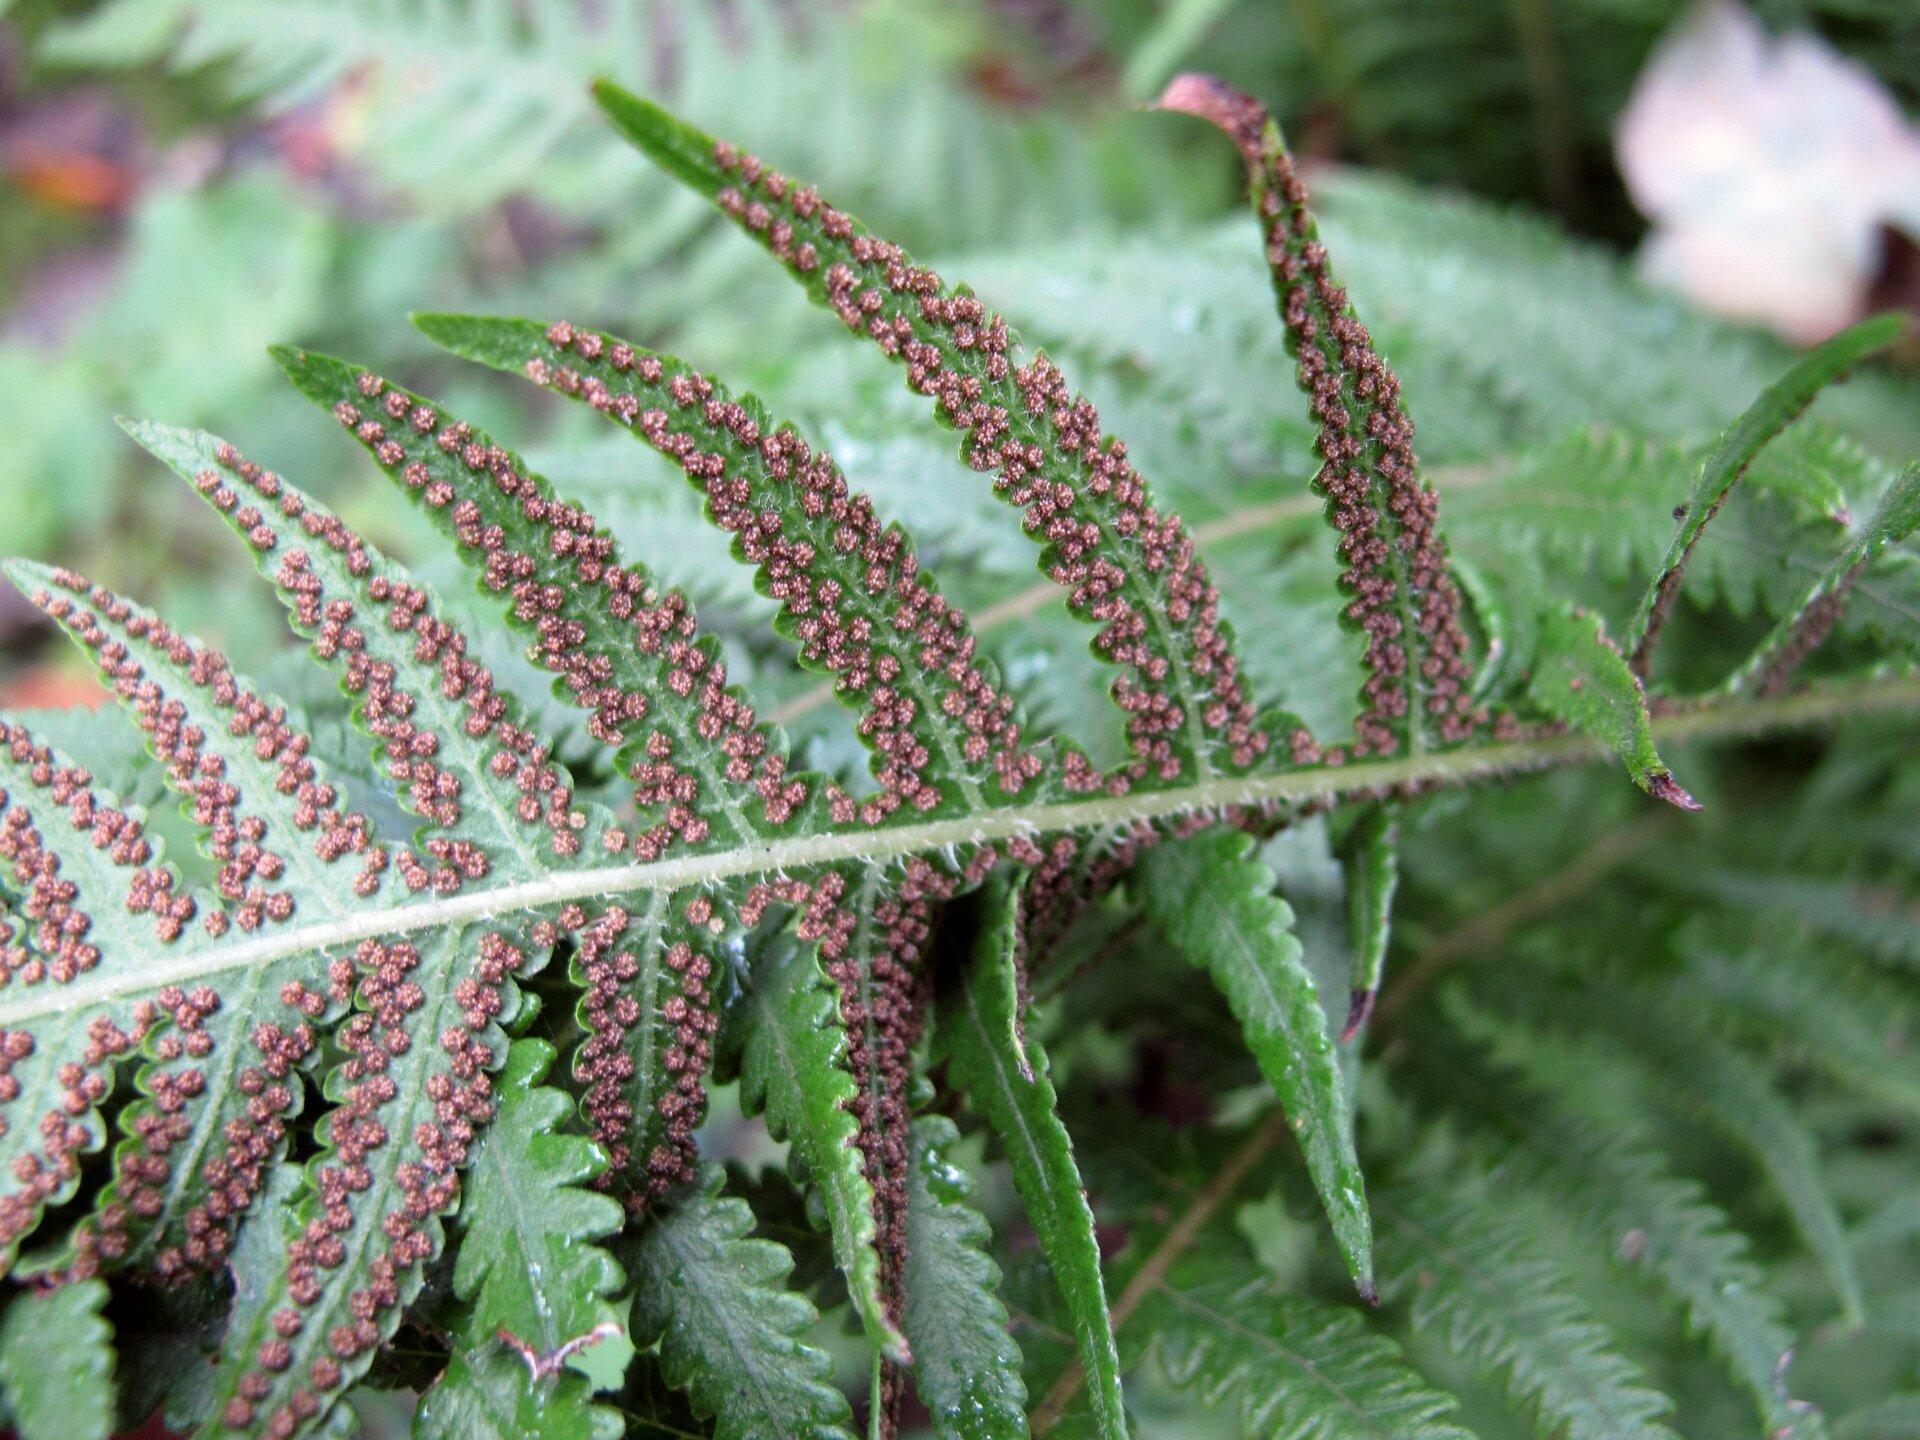 Fotografia przedstawia odwrócony spodem do góry liść paproci. Na nim znajduje się wiele brązowych bryłek, czyli skupisk zarodni.